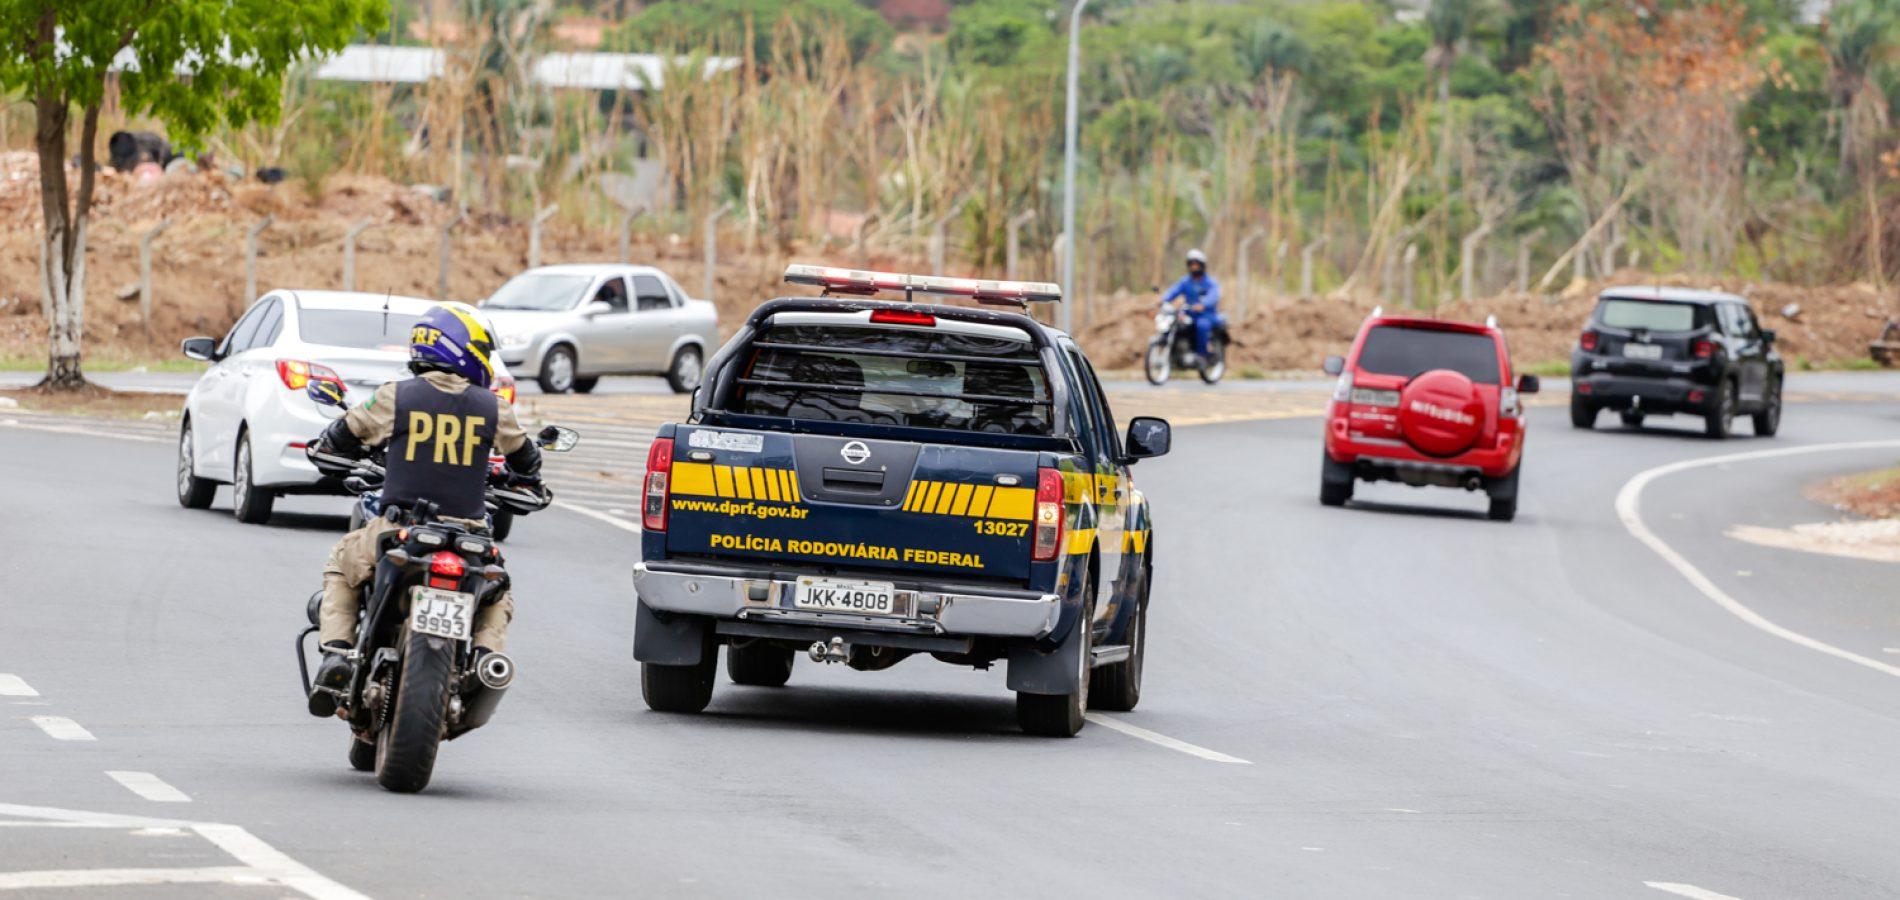 PRF inicia Operação Integrada Rodovida 2018/2019 com foco na redução de violência no trânsito